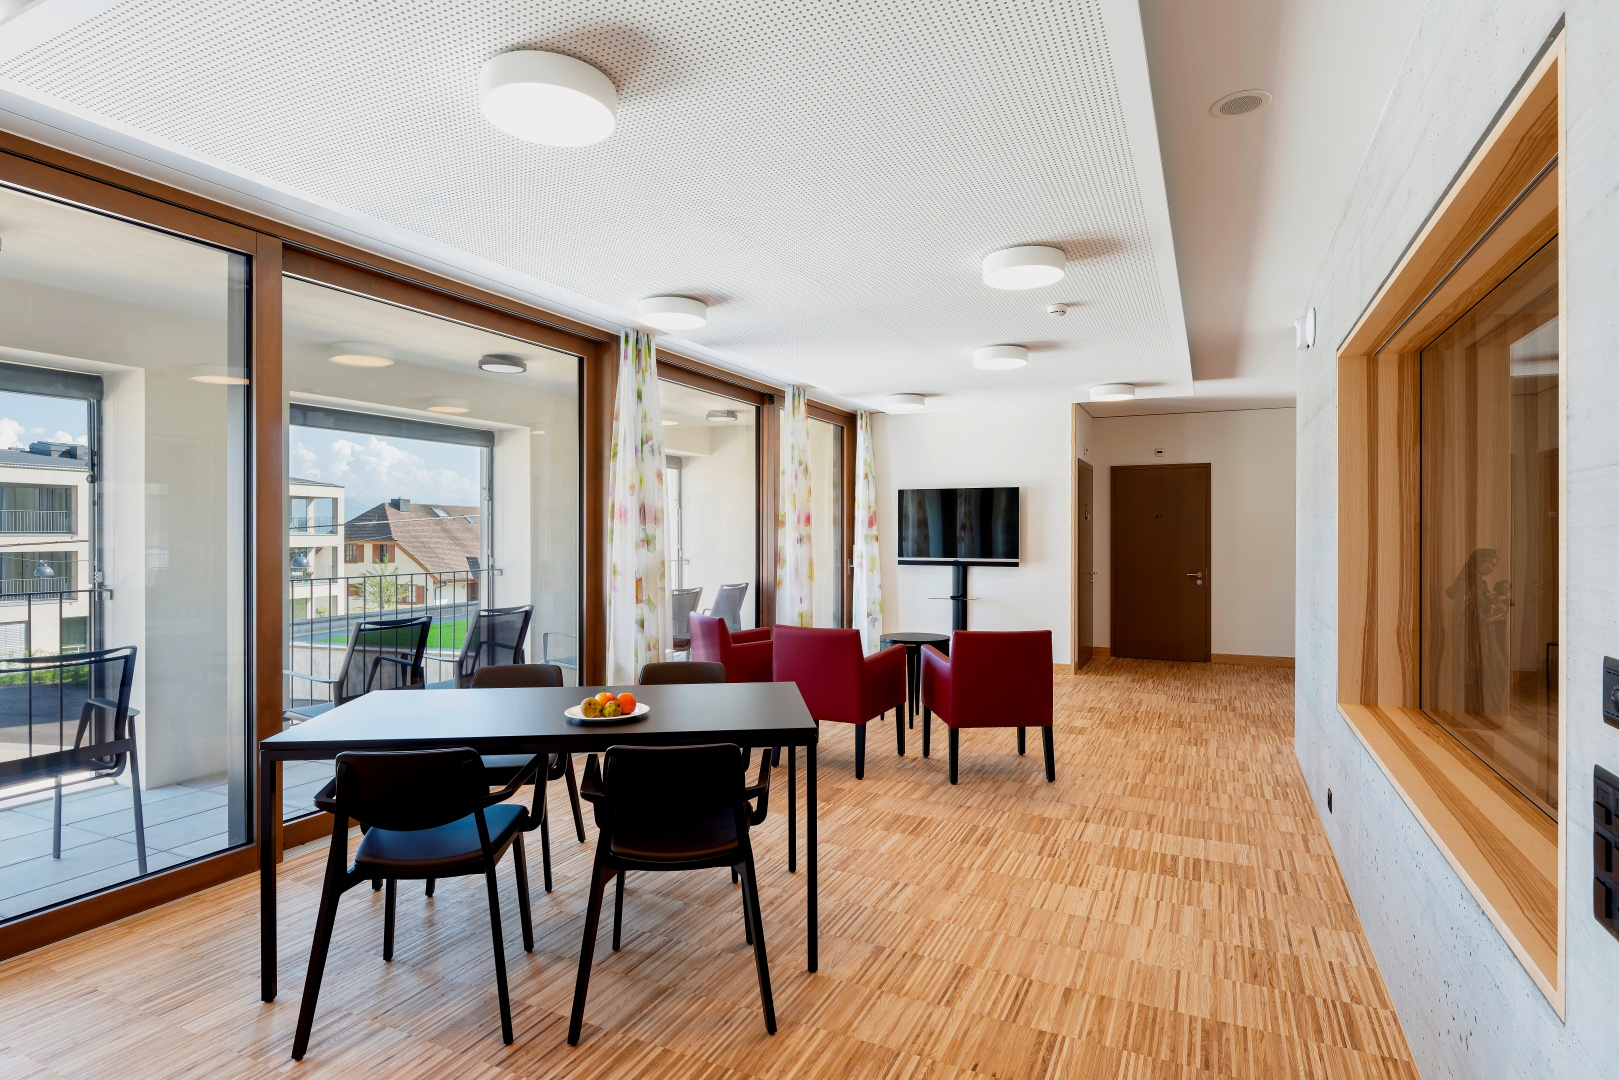 Im Wohn- und Begegnungszentrum öffnen sich immer wieder halböffentliche Bereiche,  in denen sich die  Bewohner treffen können.  © Bruno Meier, Sursee